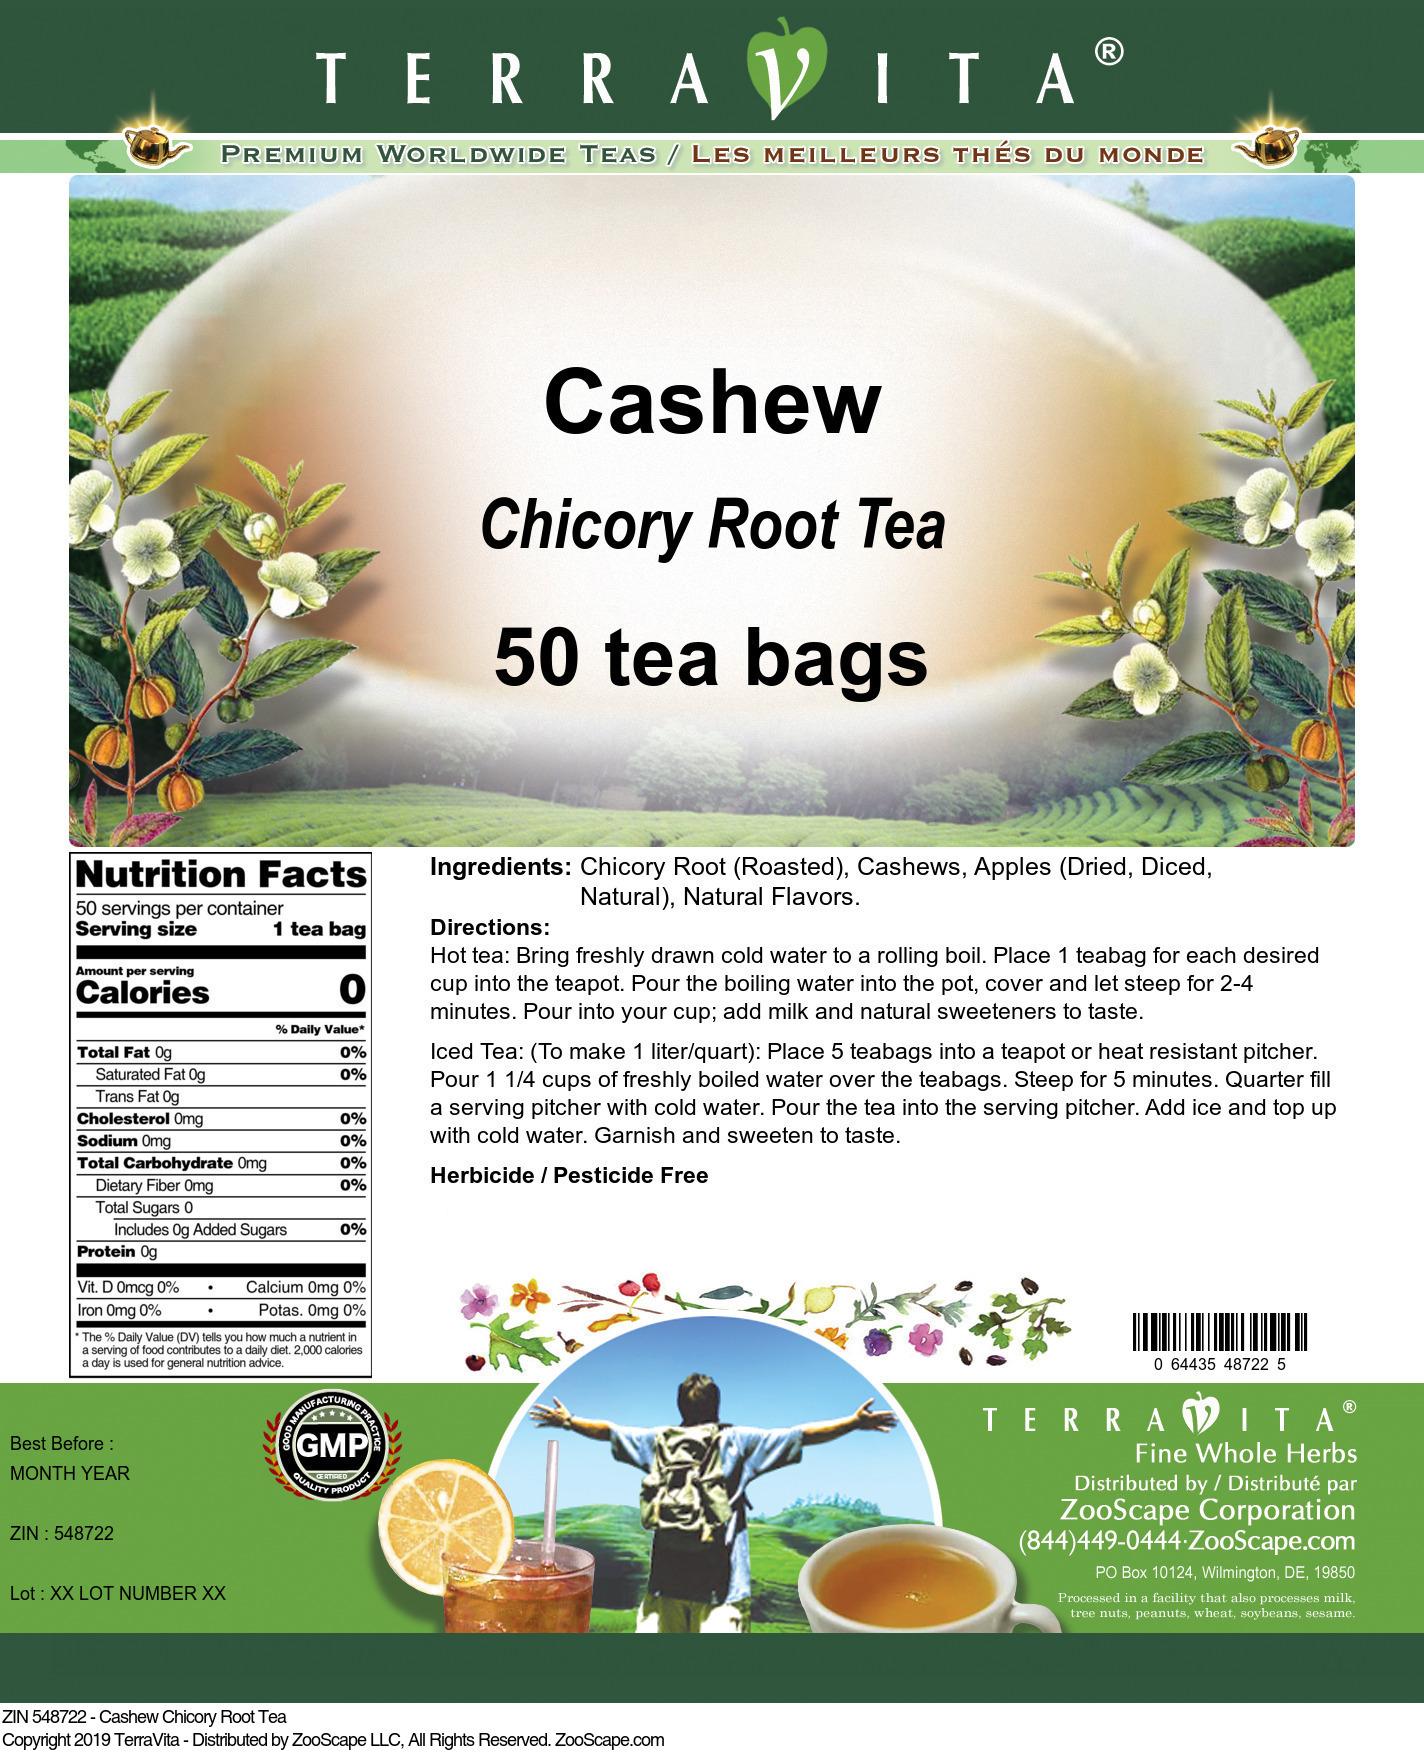 Cashew Chicory Root Tea